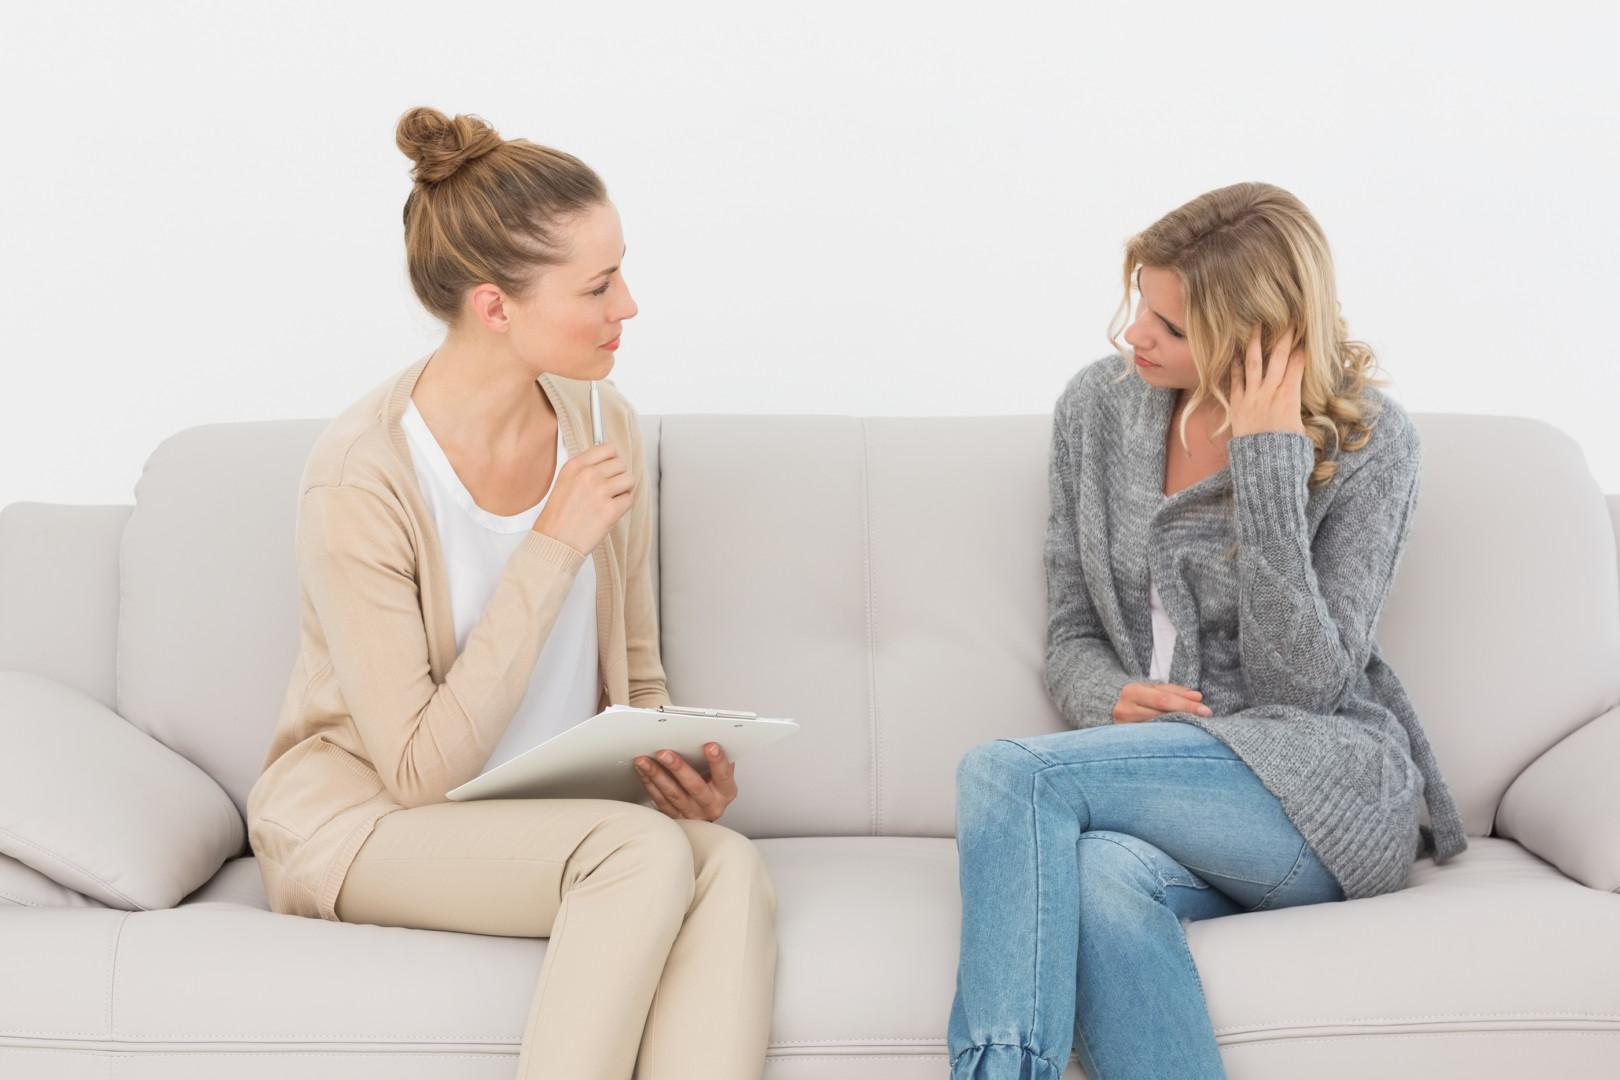 Почему я одинока? Топ 8 причин женского одиночества